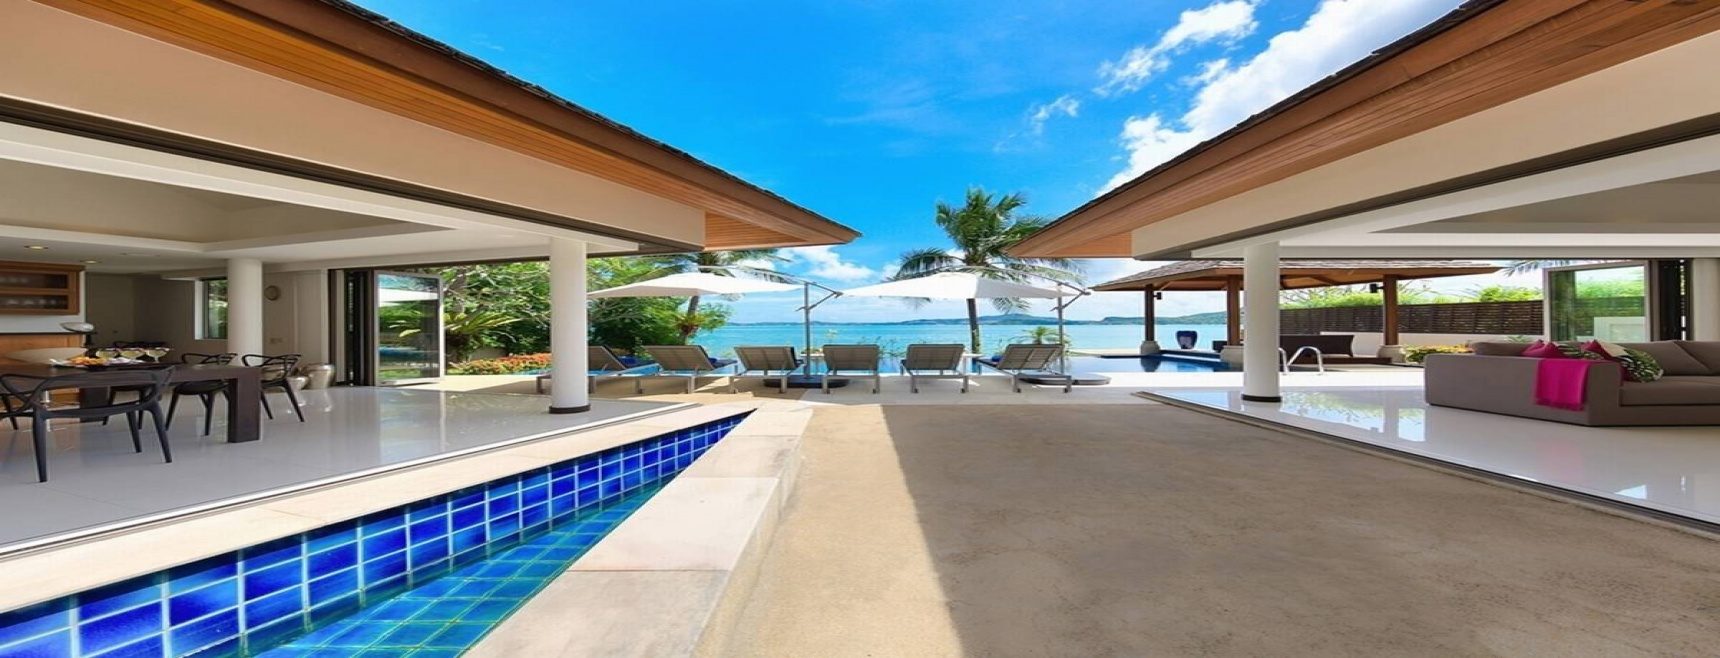 4 Bedrooms, Villa, Holiday Villa Rentals, Listing ID 1296